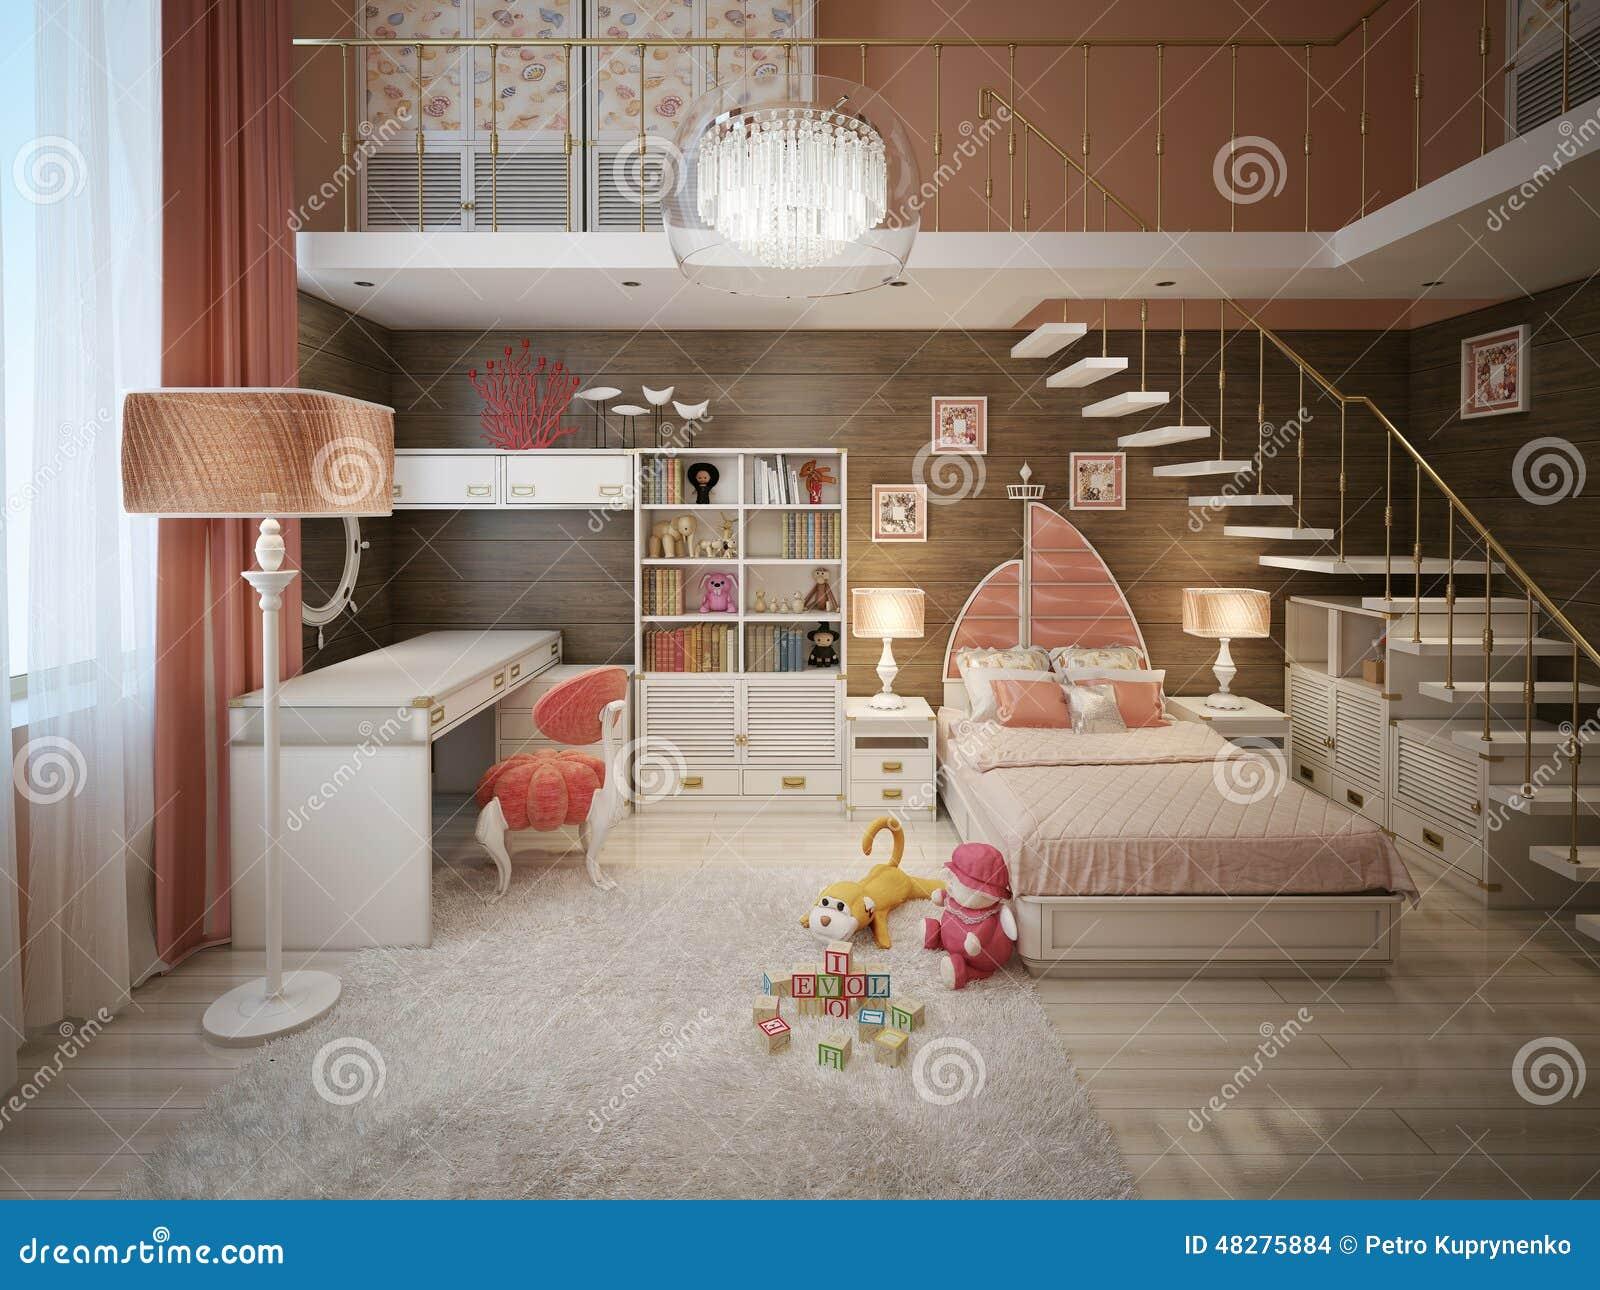 Design Camere Da Letto Ragazze : Stile moderno della camera da letto delle ragazze